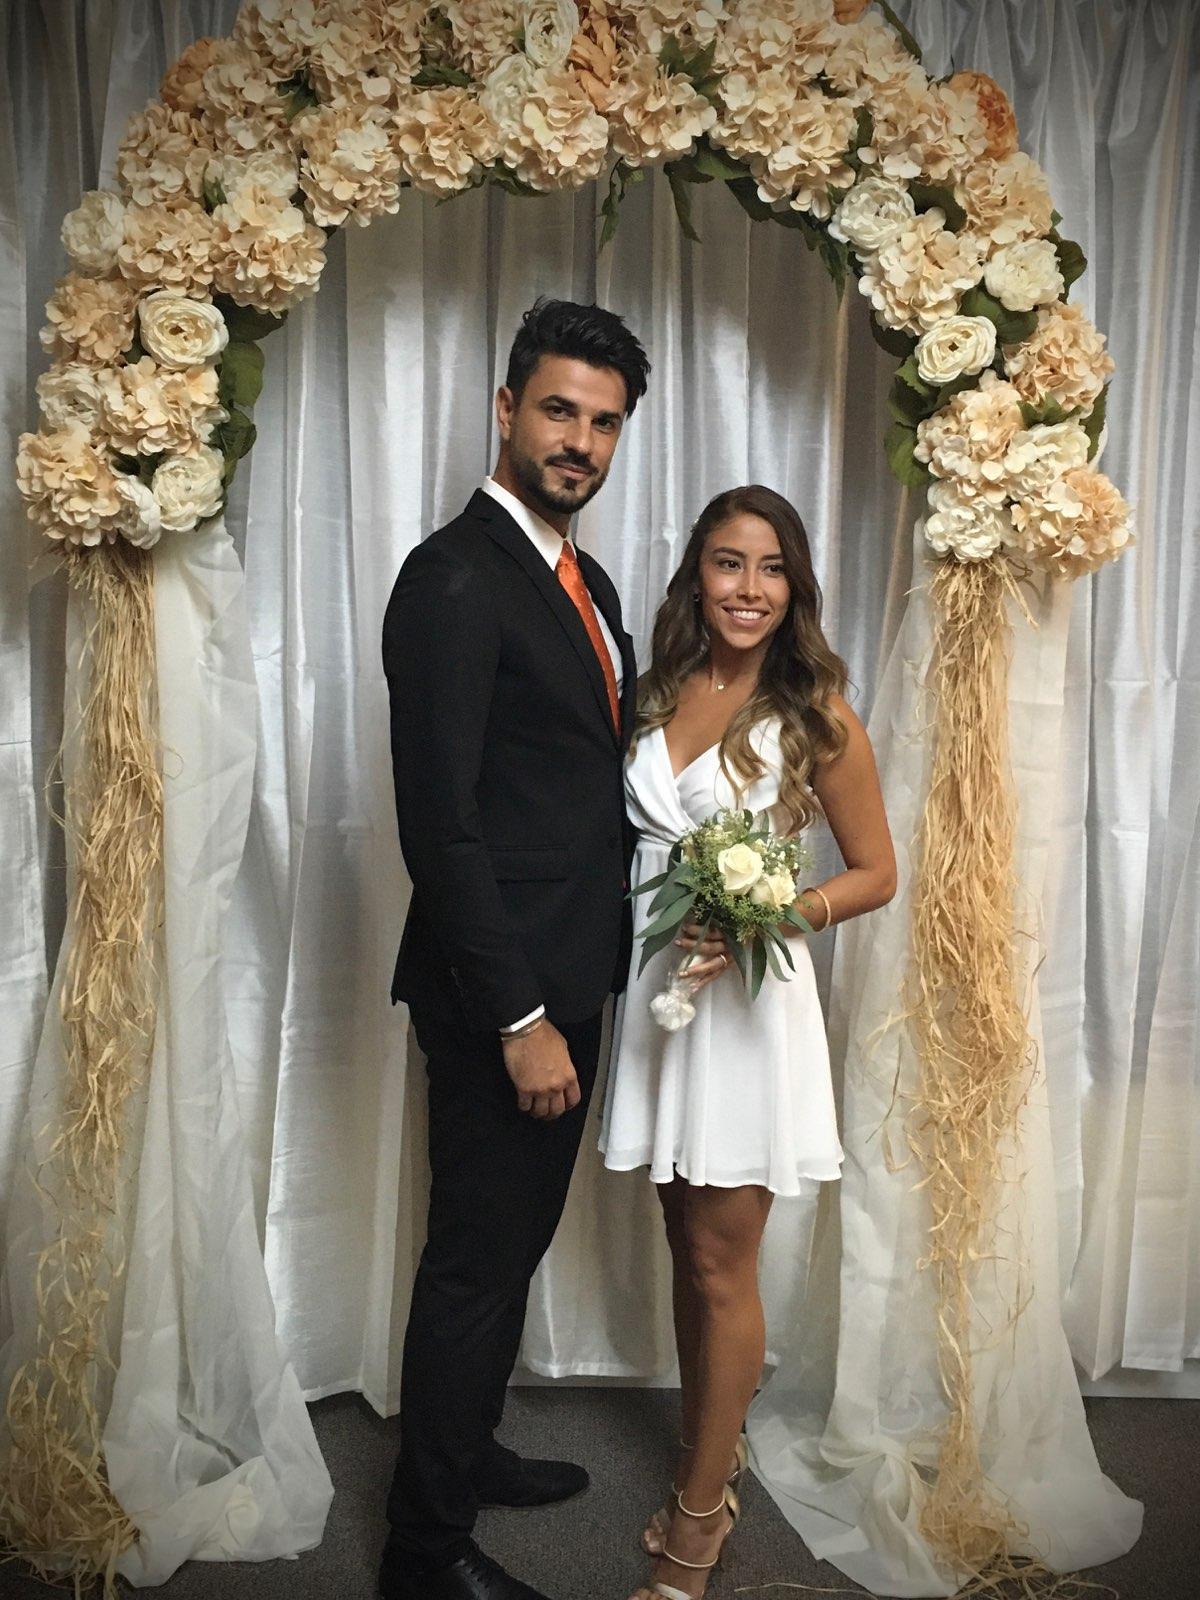 https://0201.nccdn.net/1_2/000/000/10d/616/wedding--2-.jpg